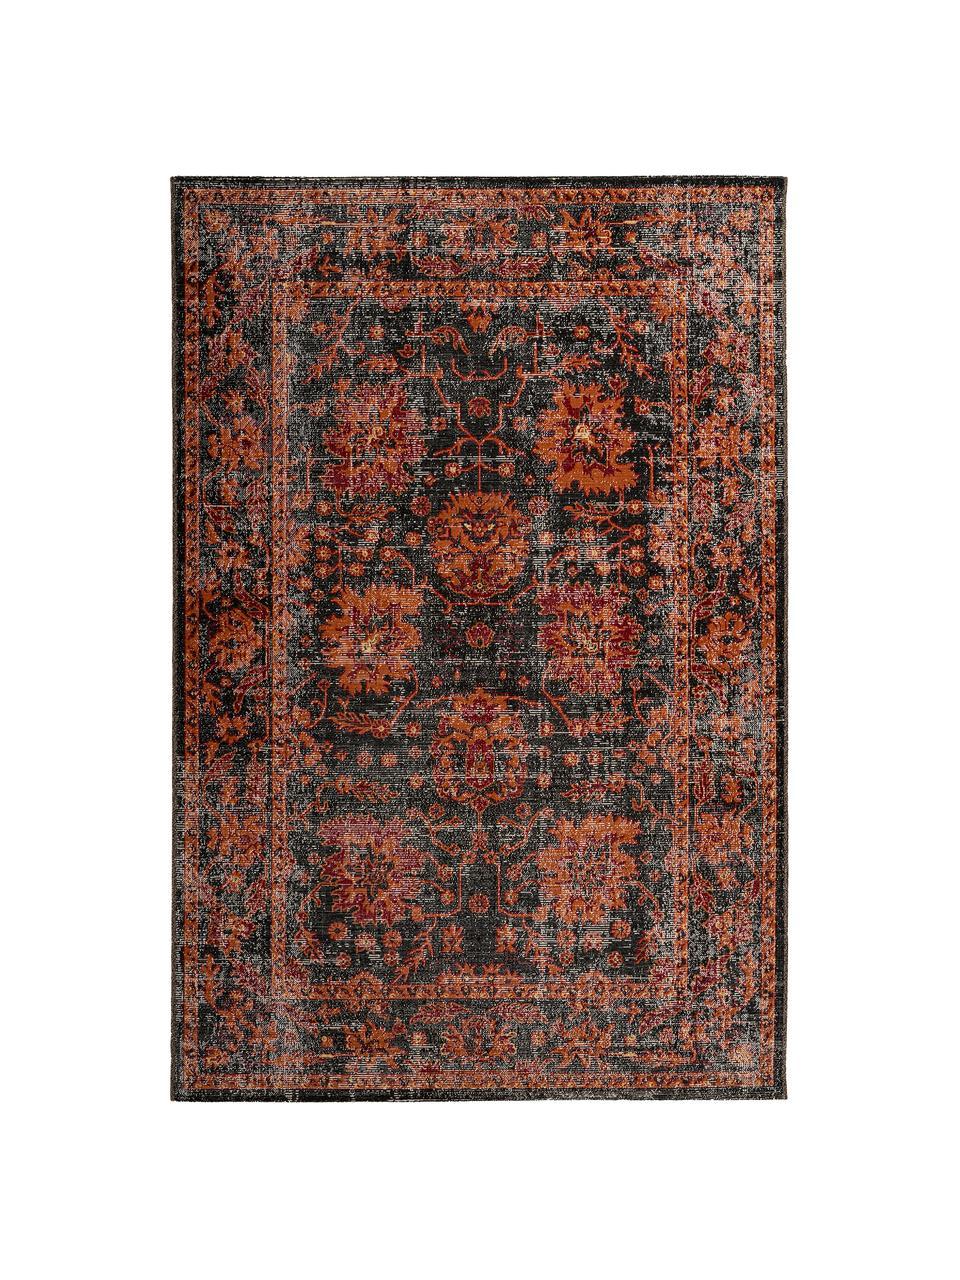 Tappeto orientale da interno-esterno My Tilas, 100% polipropilene, Antracite, arancione, rosso, Larg. 80 x Lung. 150 cm (taglia XS)